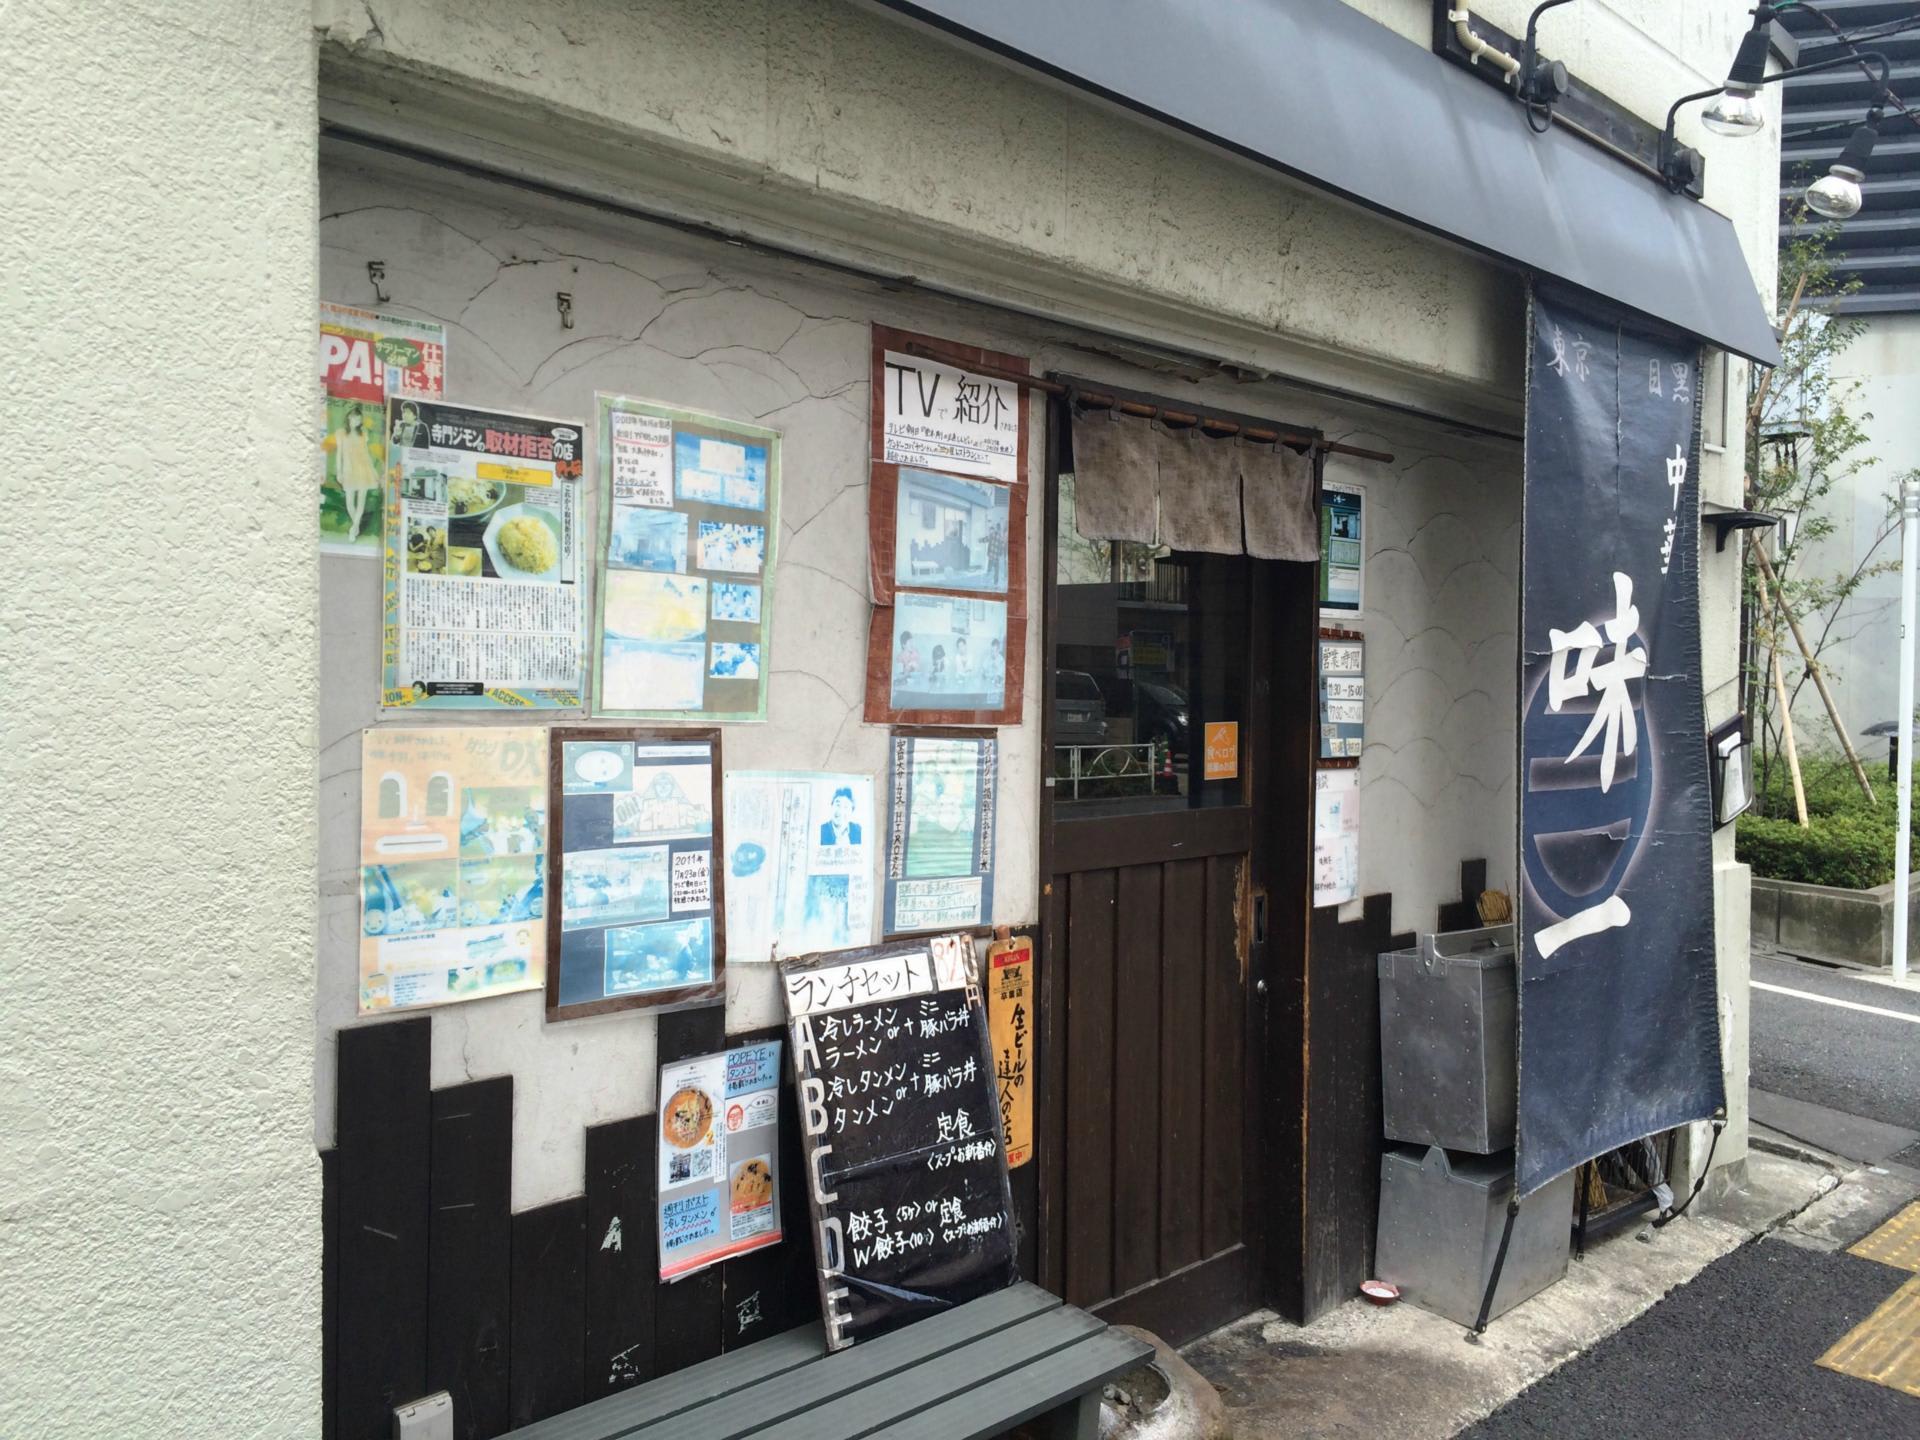 メガ盛りに見る美 麺編 Vol56 - シモキタのtokyoboy